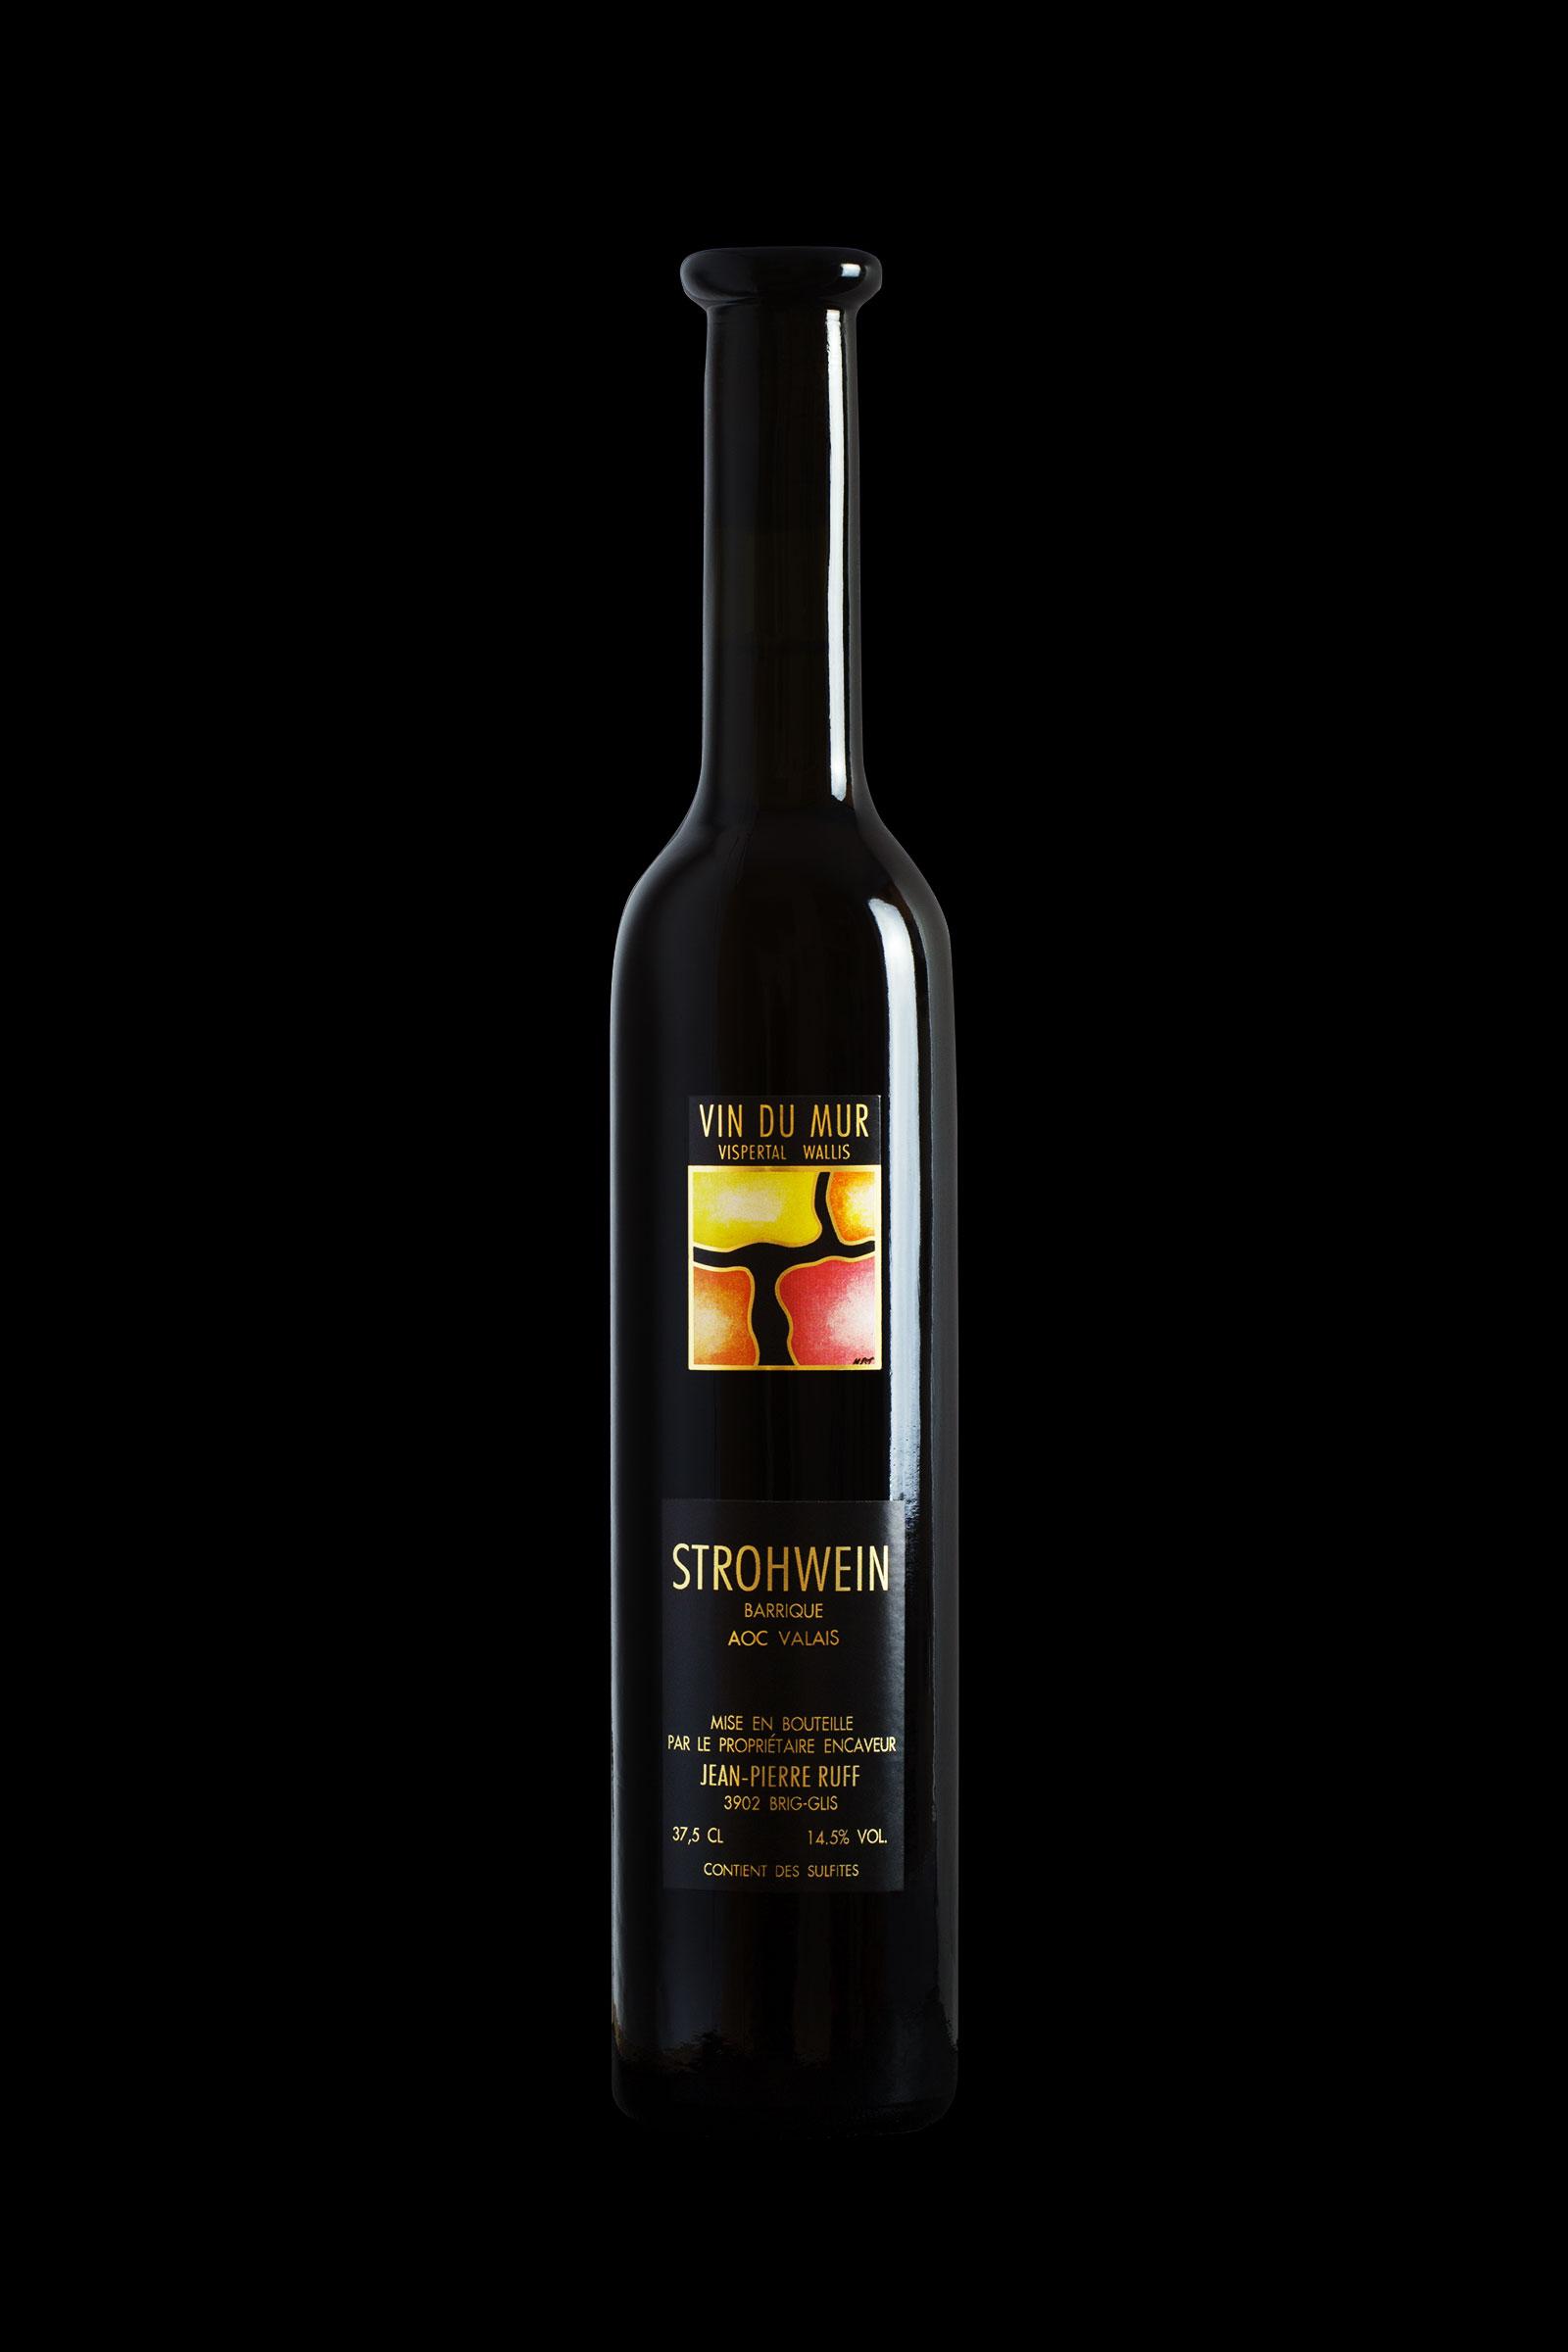 strohwein-vin-du-mur